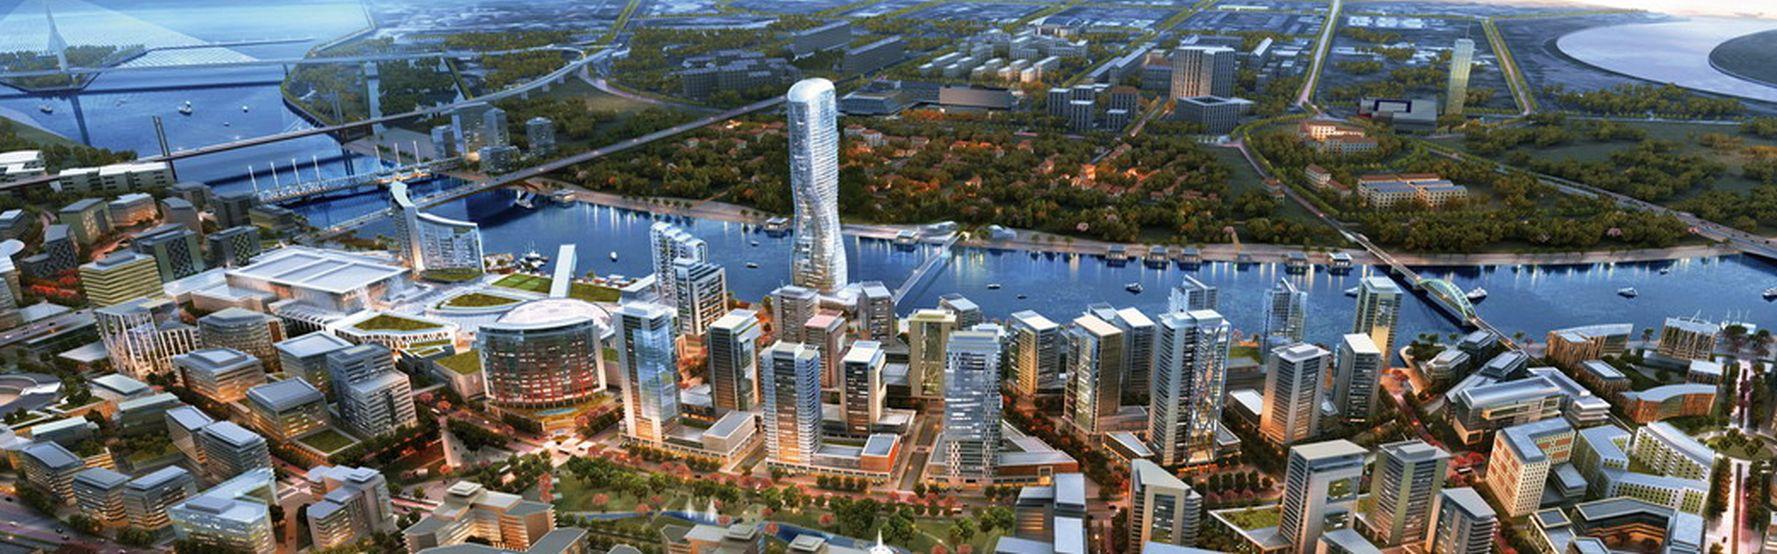 UZ PROSVJEDE Započet projekt Beograd na vodi vrijedan 3,5 milijarde eura